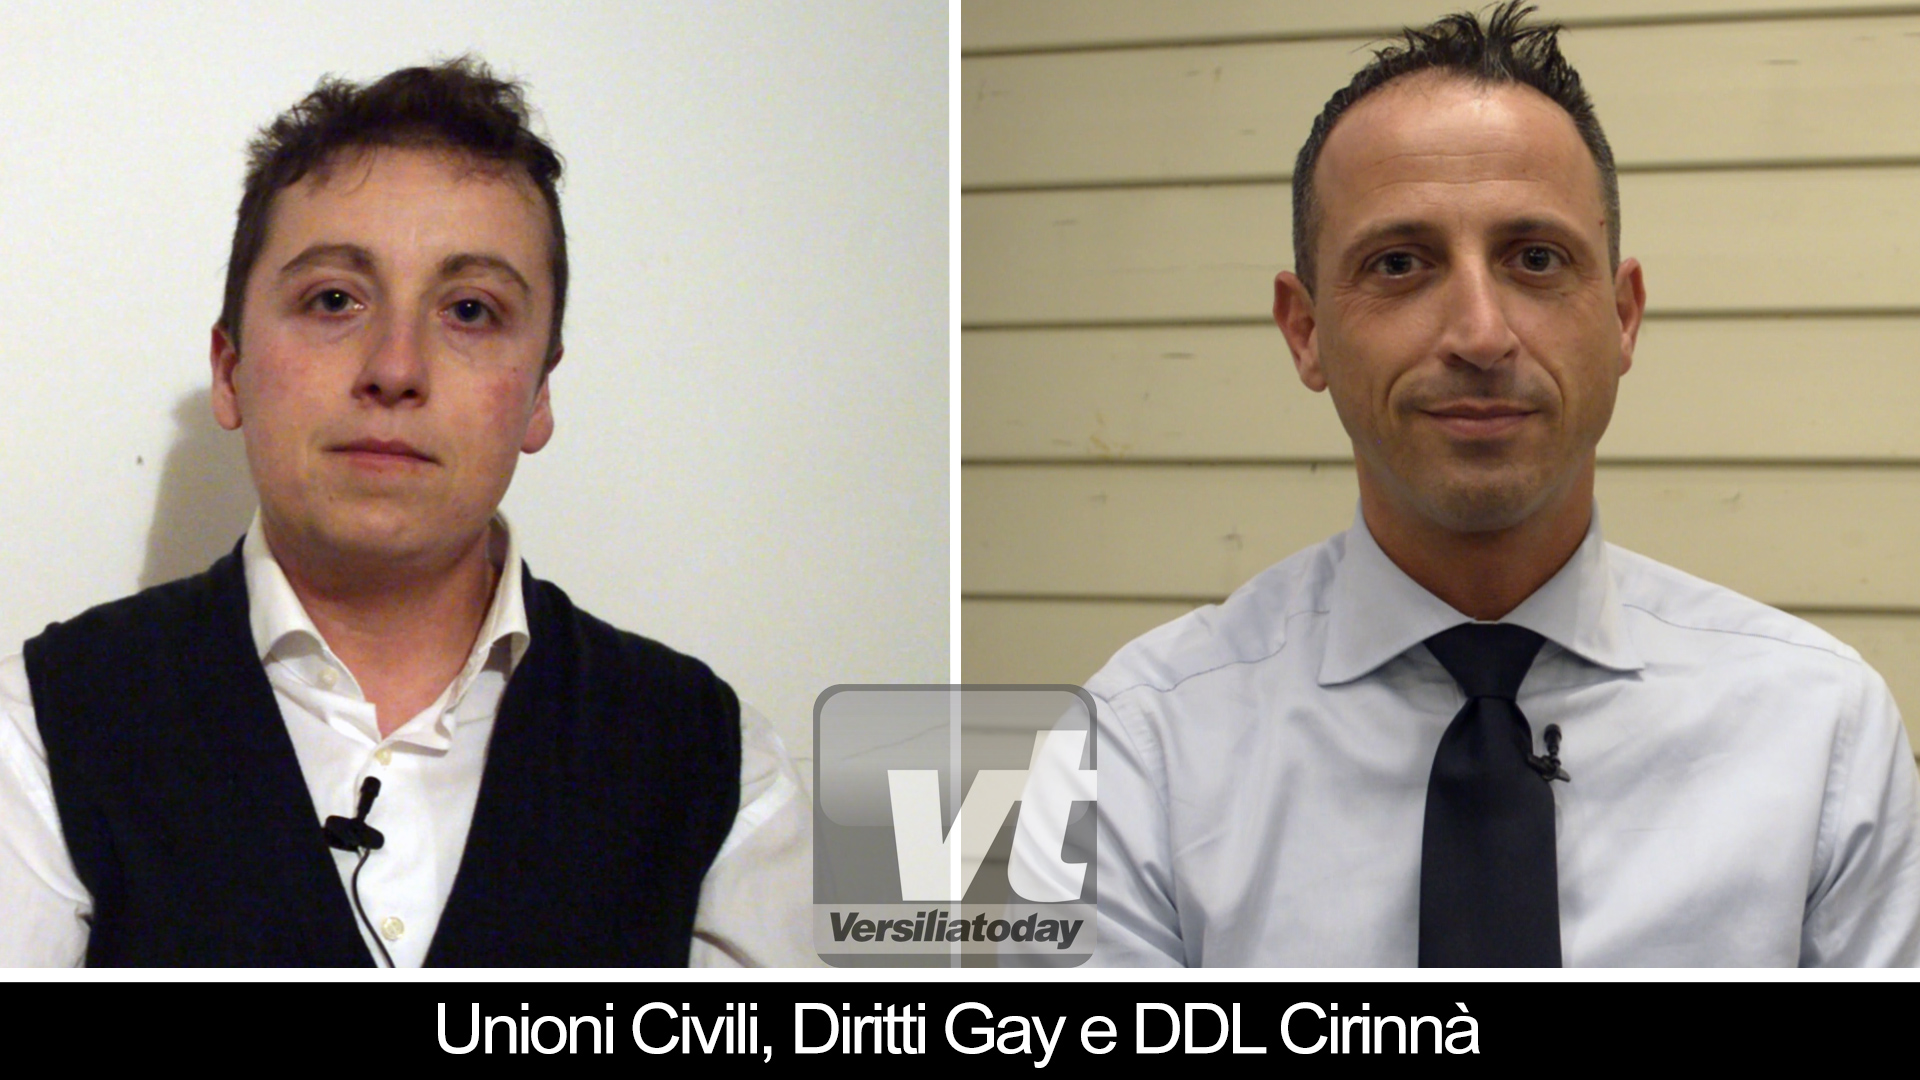 Unioni civili, favorevoli o contrari? L'intervista doppia di Vt